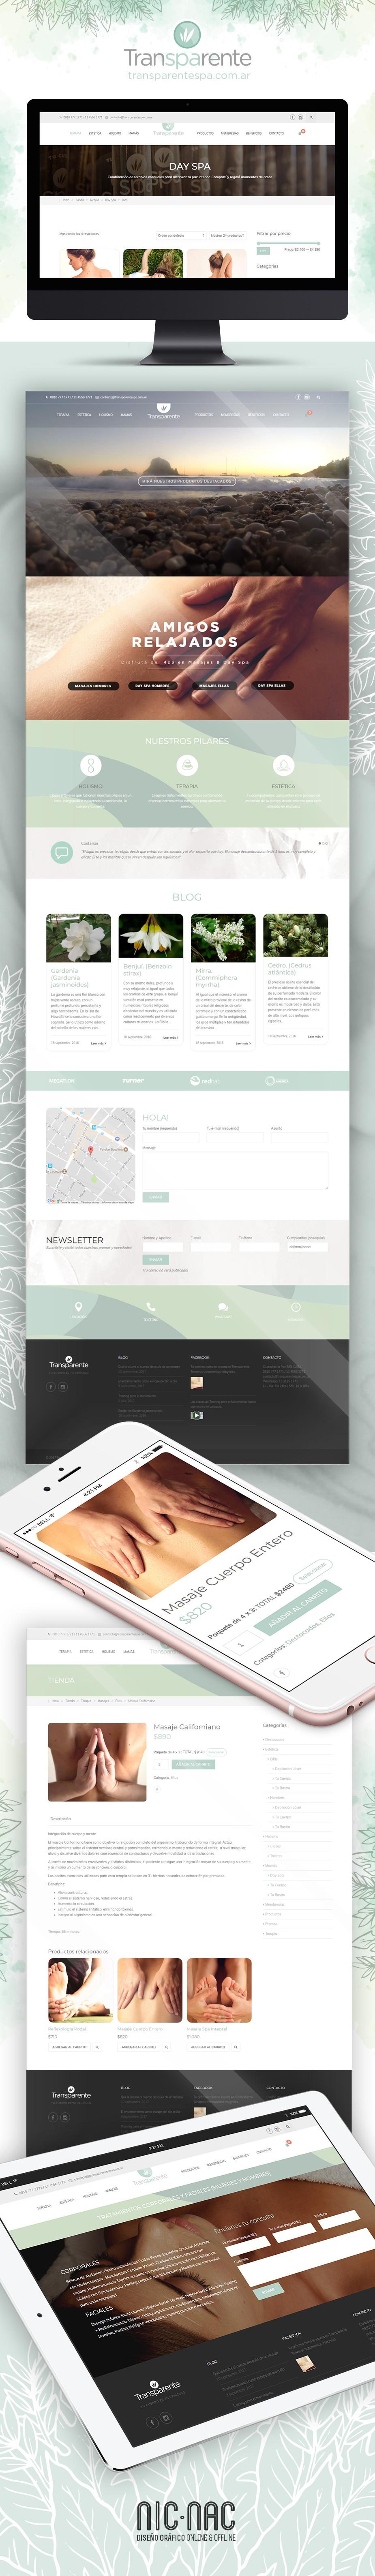 Transparente Spa Web